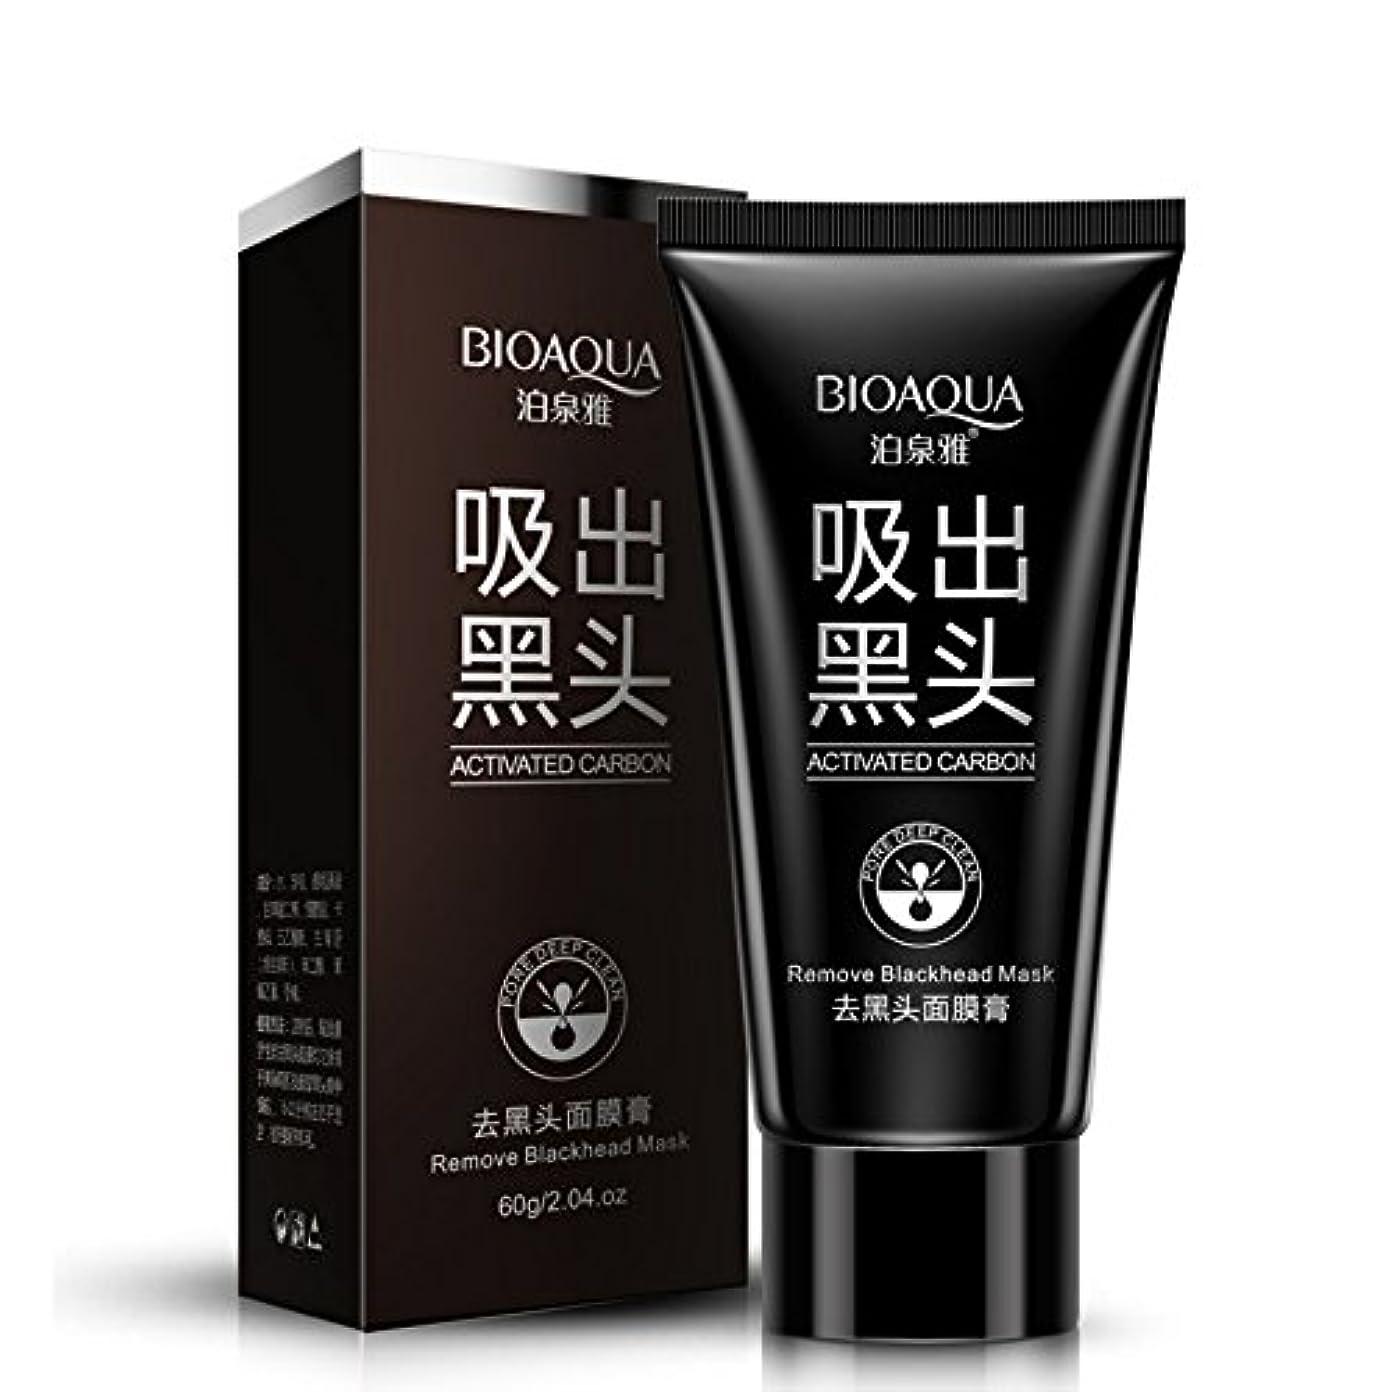 写真を撮る助けてかけがえのないSuction Black Mask Shrink Black Head Spots Pores,Face Mask Blackhead Removal Blackheads Cosmetics Facials Moisturizing...